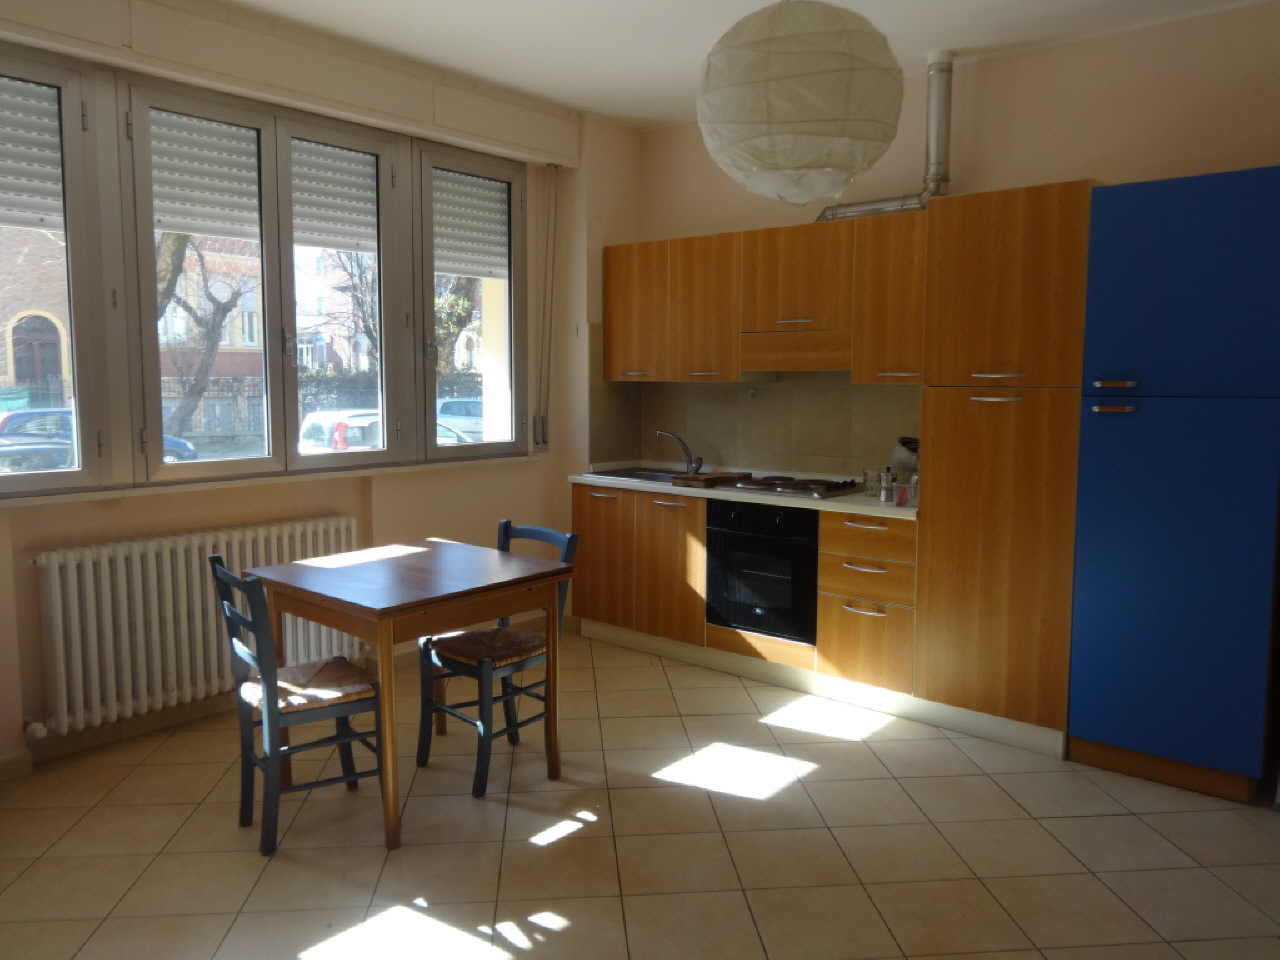 Appartamento monolocale in vendita a Pesaro (PU)